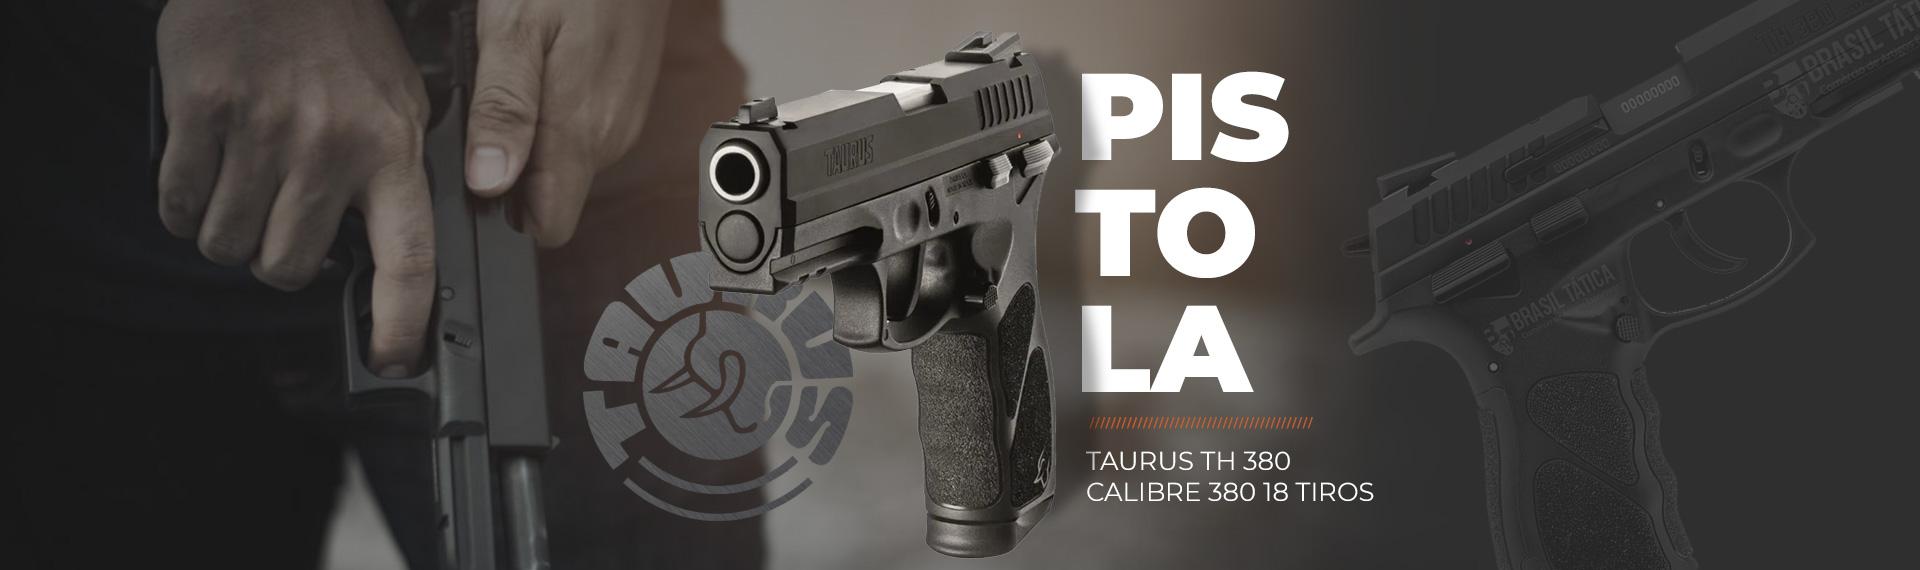 Pistola Taurus TH 380